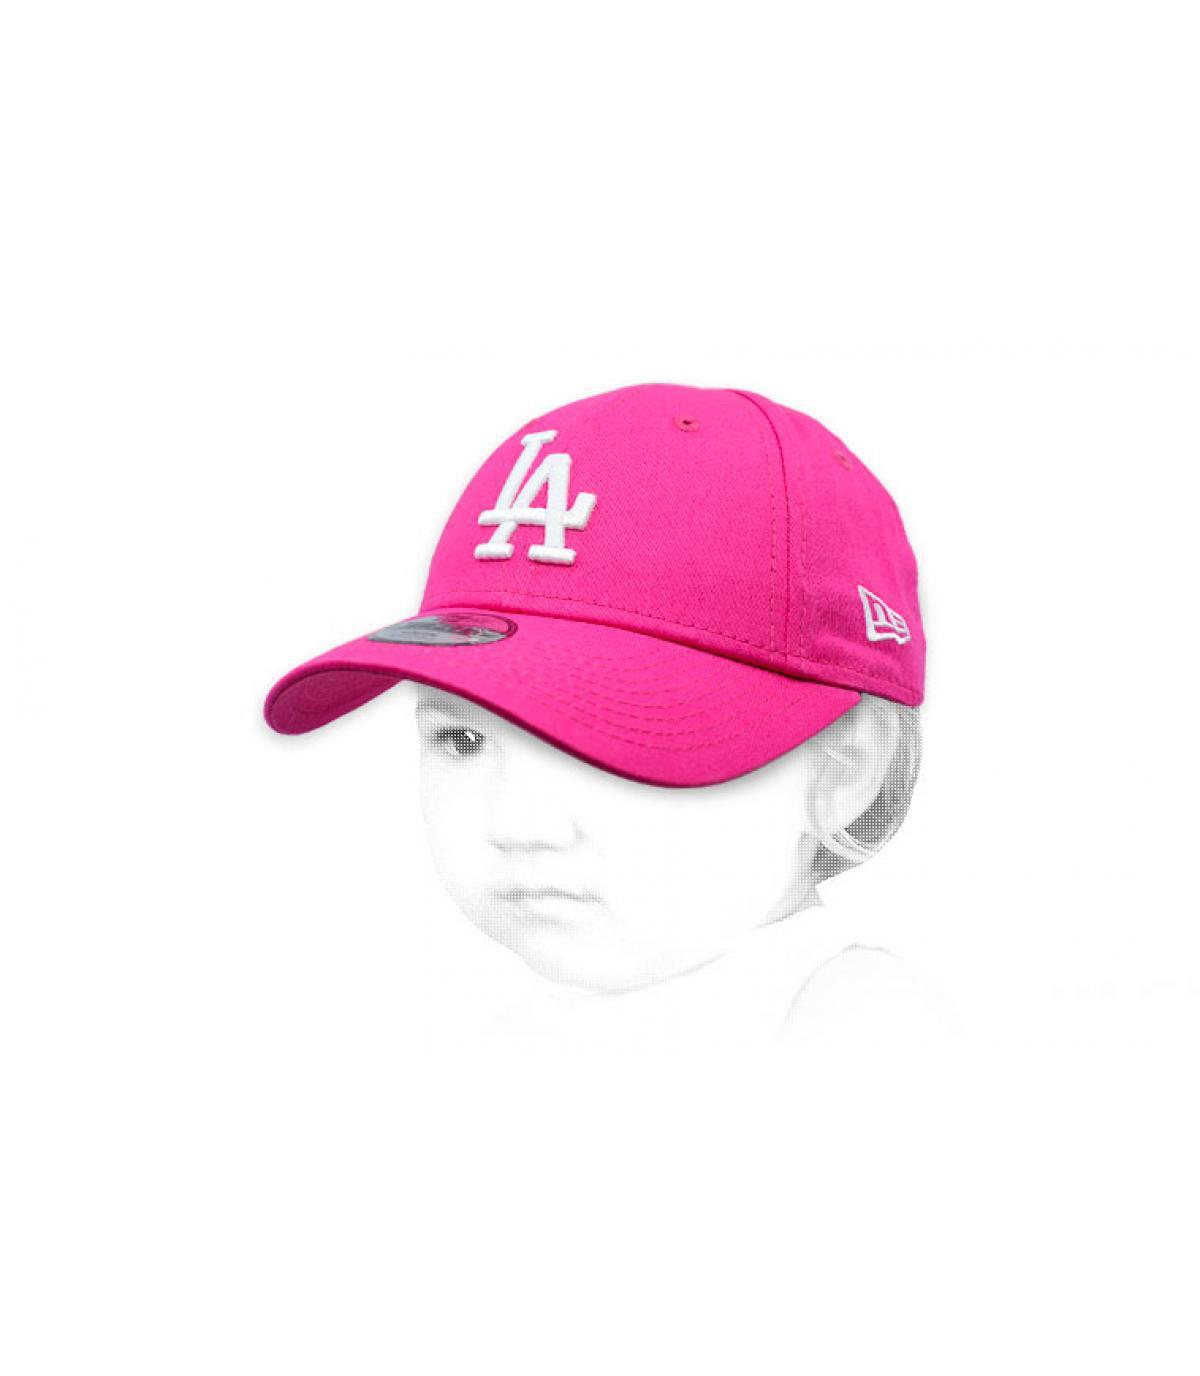 Berretto rosa LA